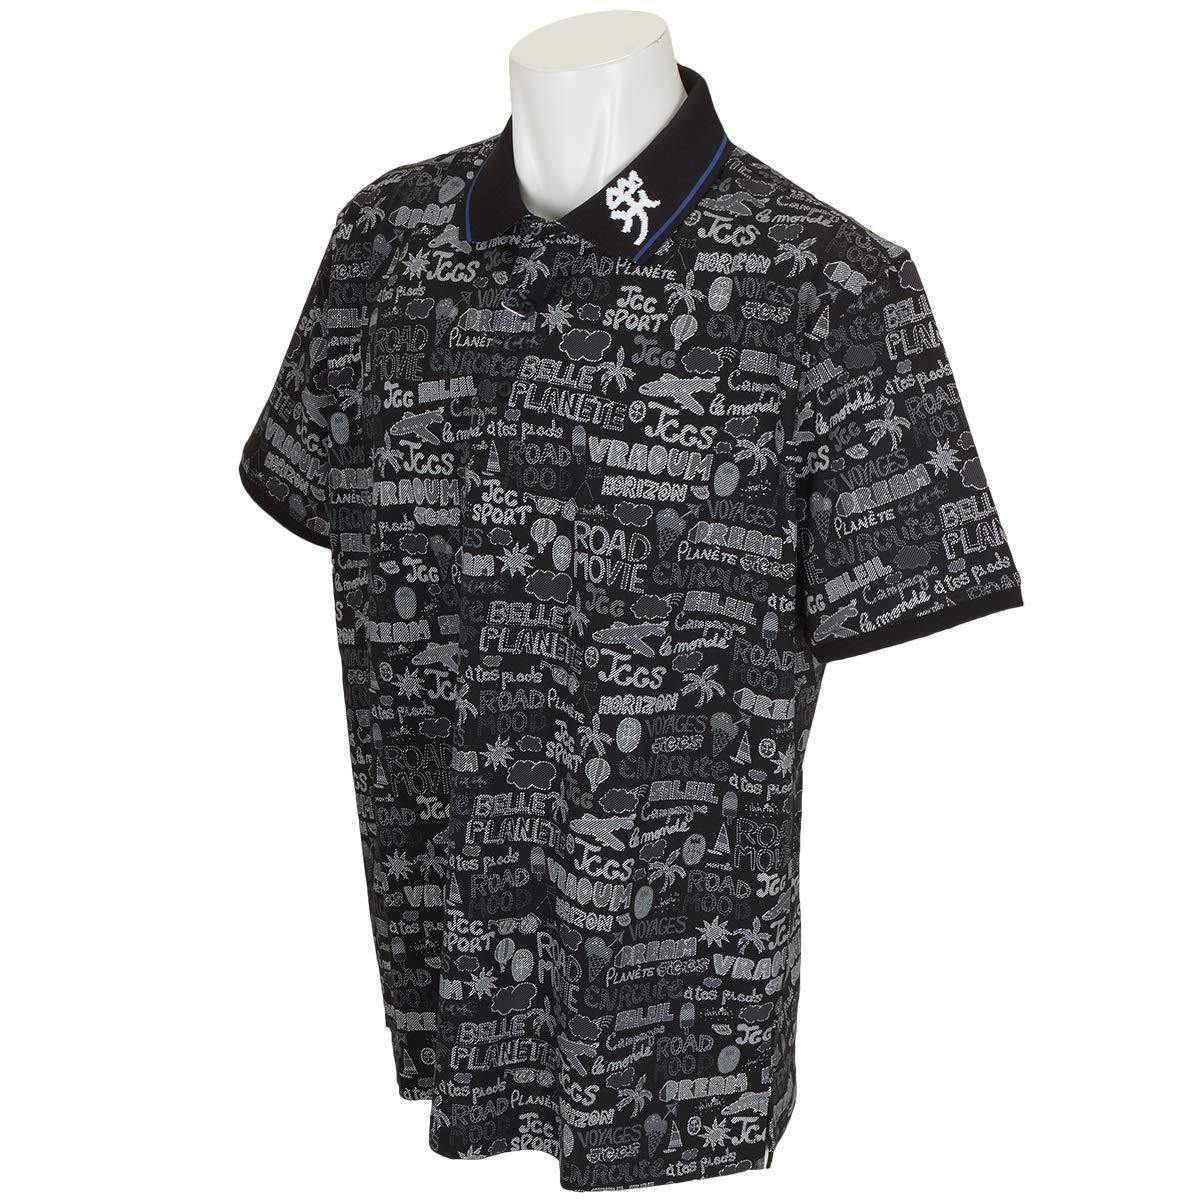 カステルバジャック CASTELBAJAC 半袖シャツポロシャツ 半袖ポロシャツ 50 ブラック 99 B07Q9J78X4